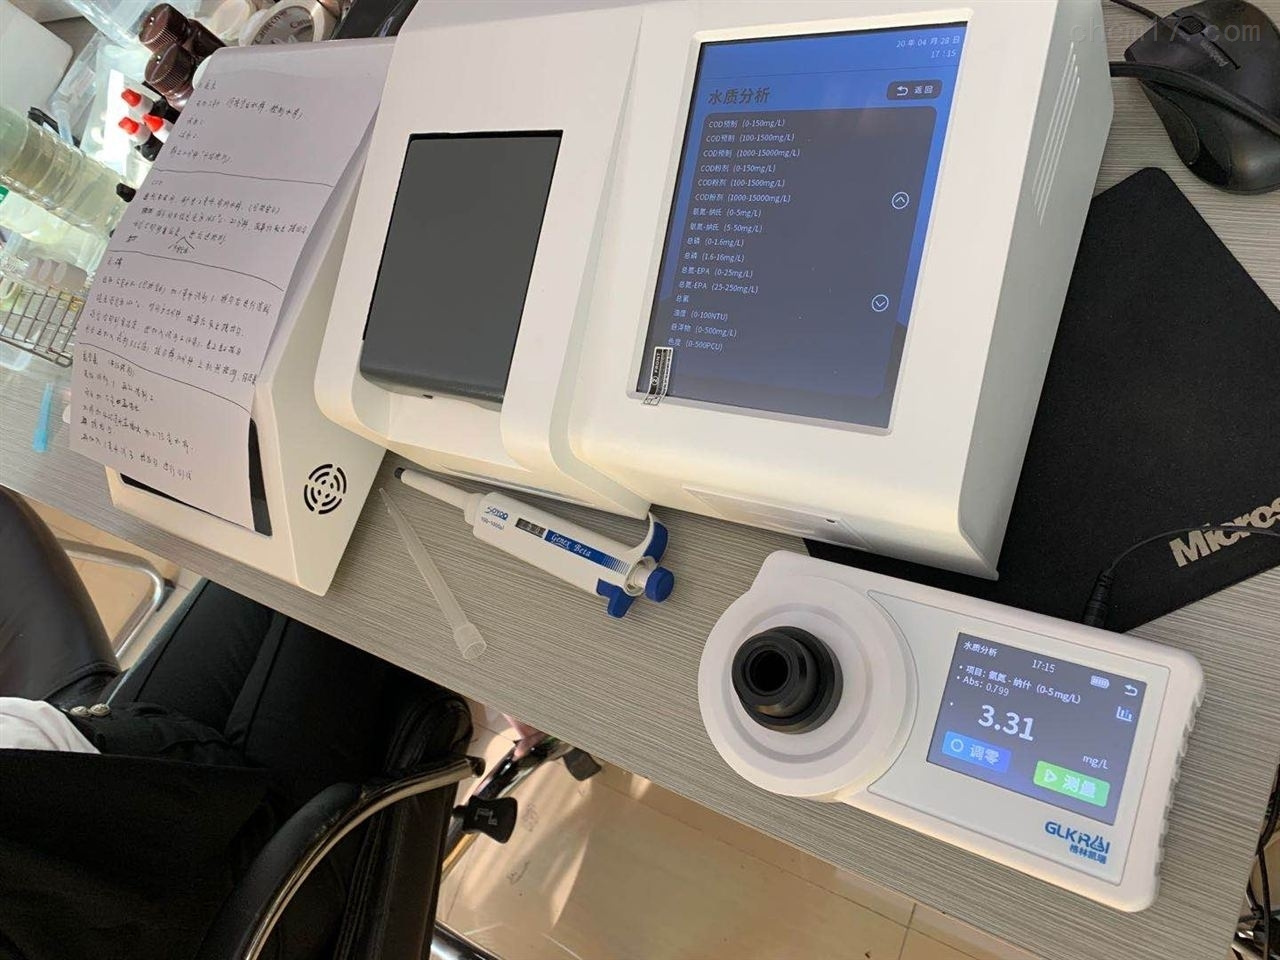 便携cod测定仪新产品,COD水质分析仪现货,全国顺丰包邮